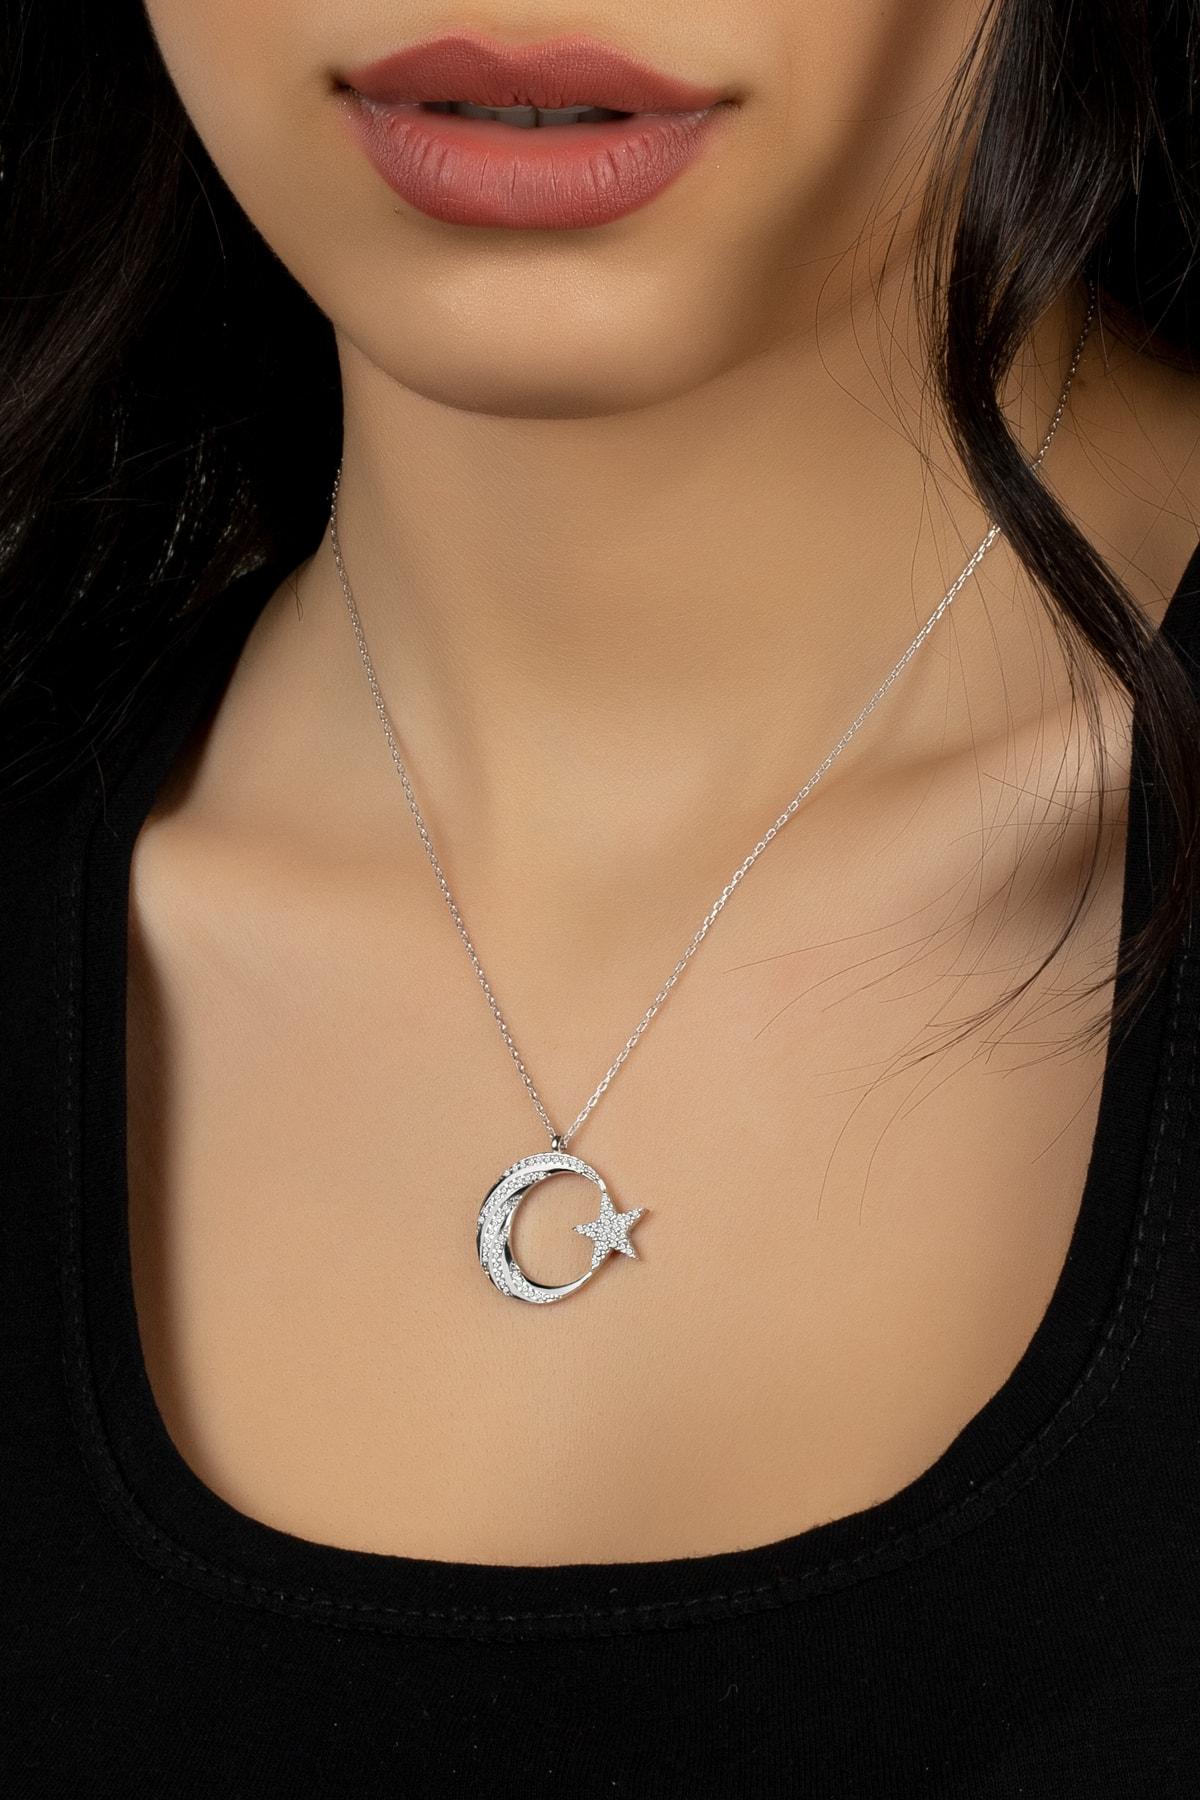 Else Silver Kadın Gümüş Elmas Montürü Kaz Ayağı Modeli Ay Yıldız Kolye 1